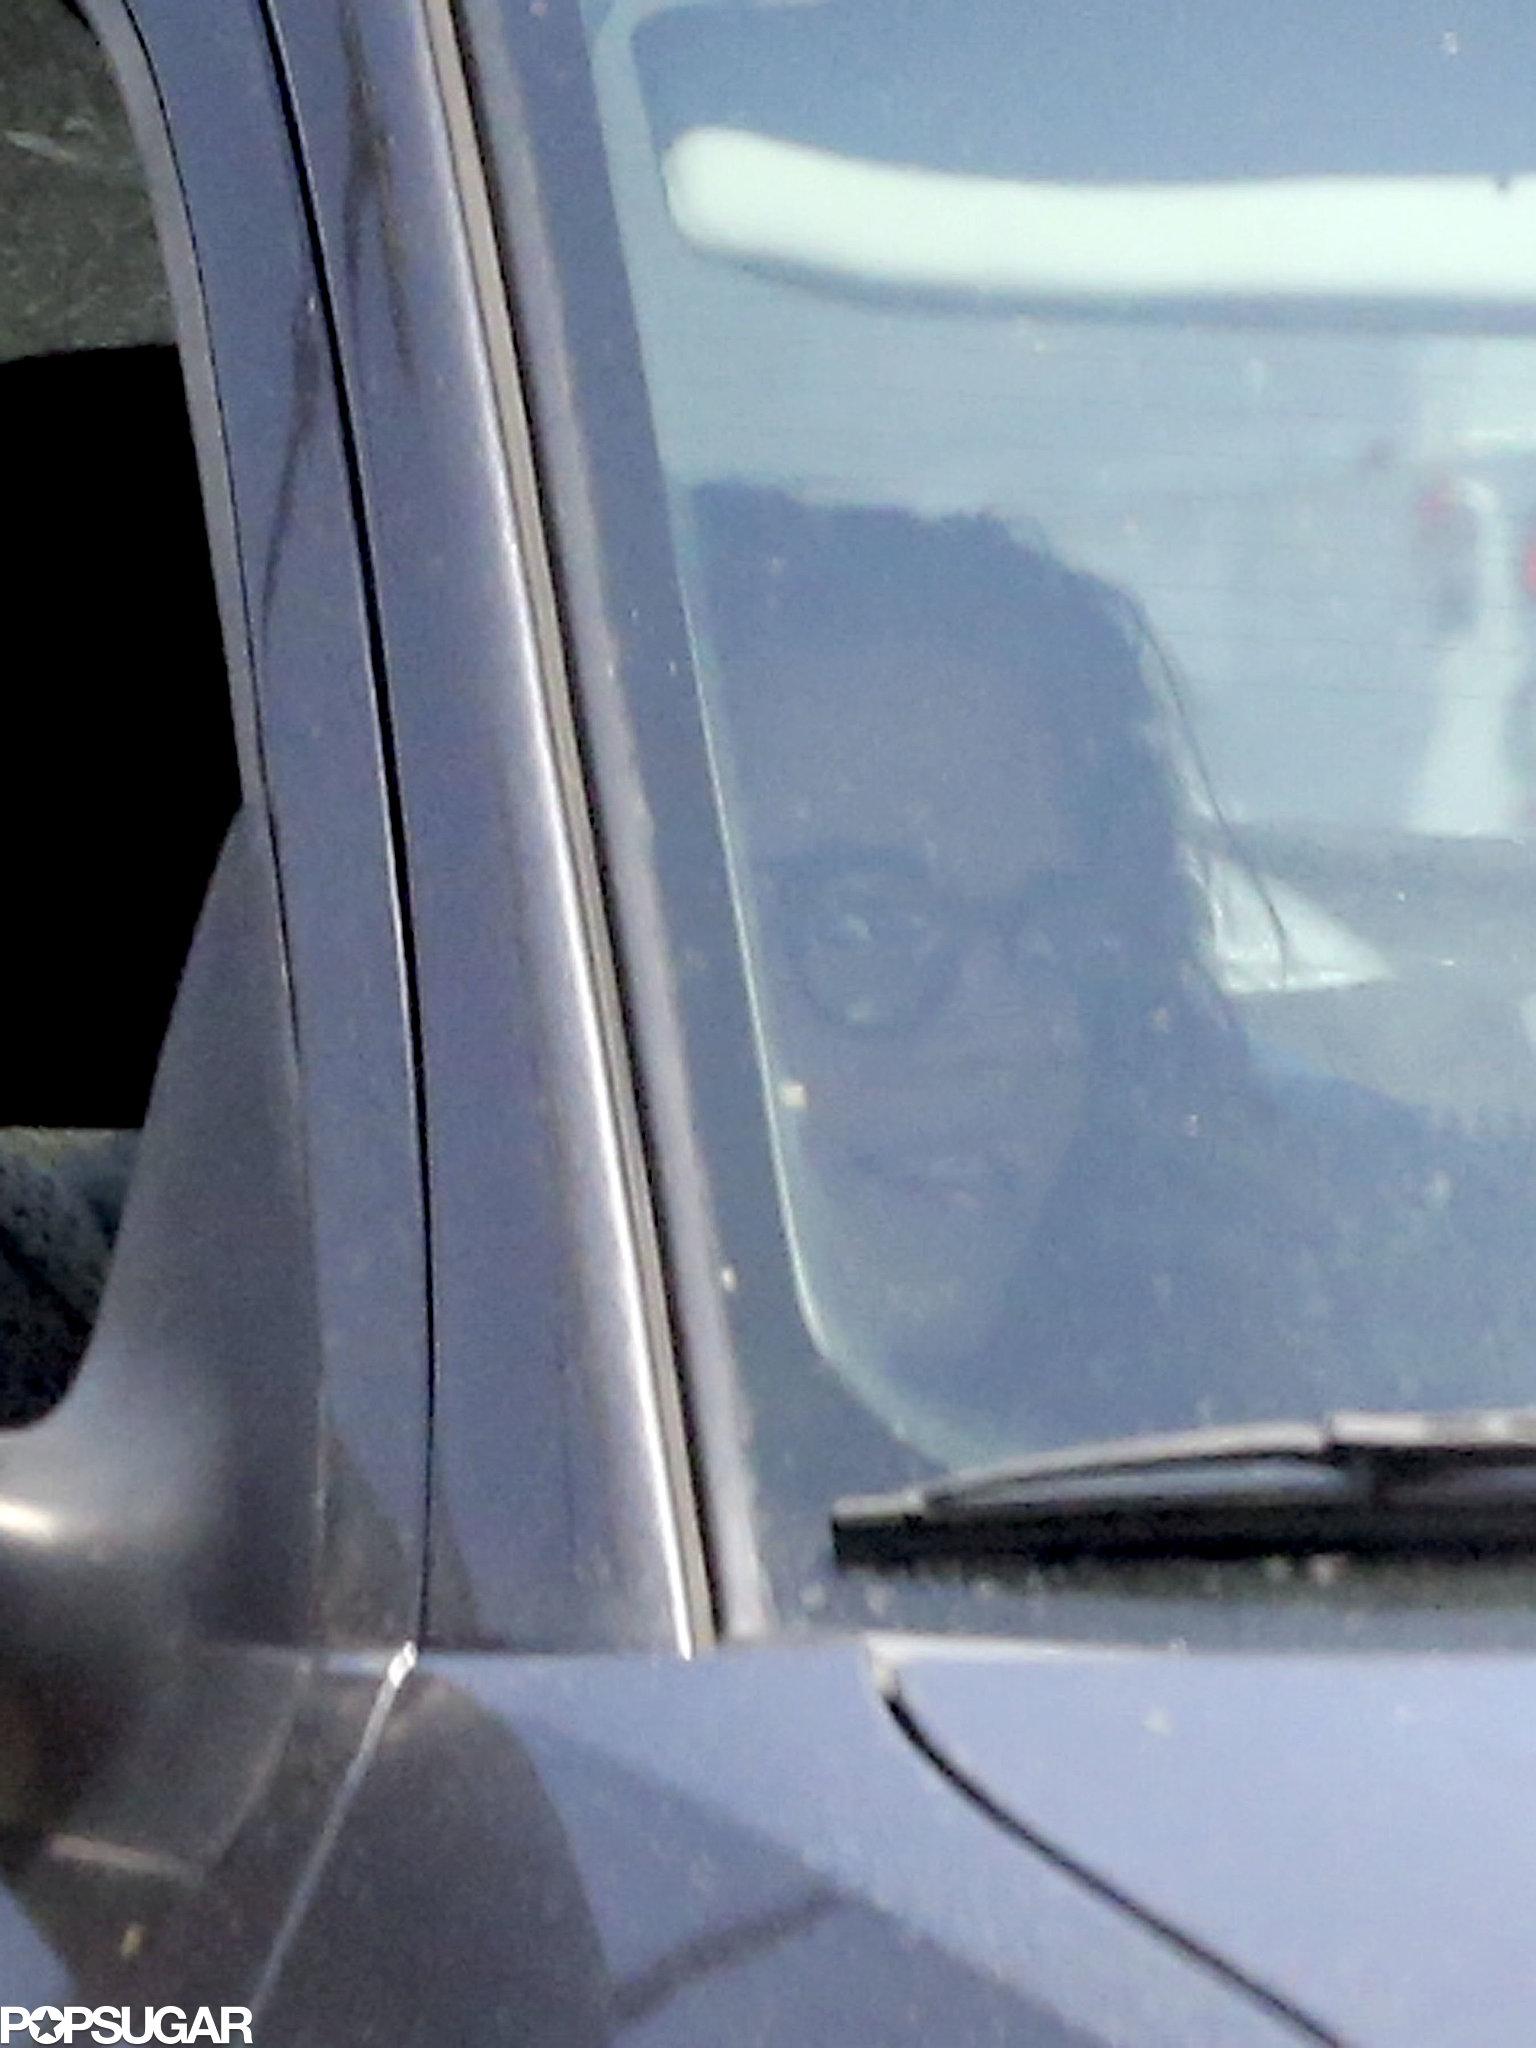 Kristen Stewart had a friend drive her around LA.